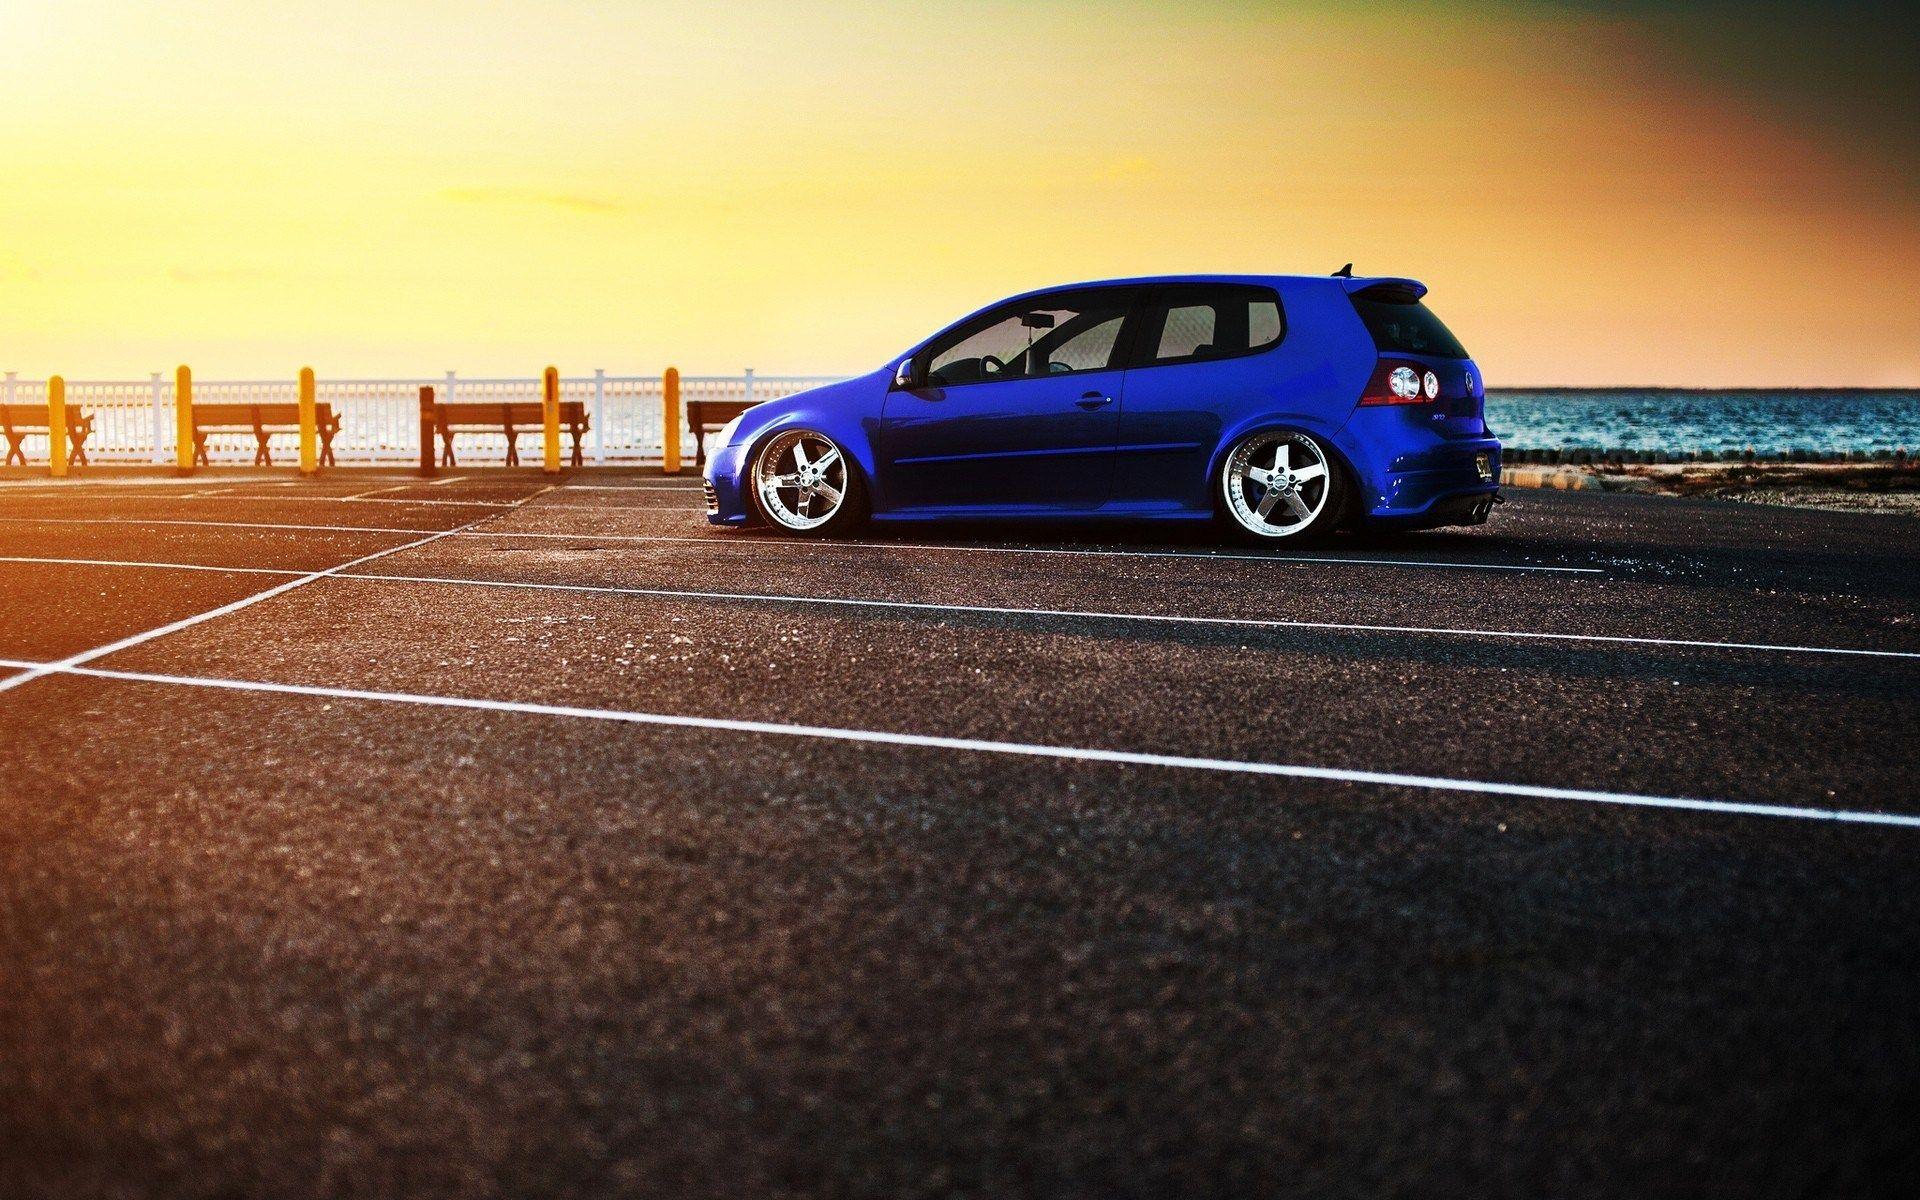 Golf V Volkswagen Sea Tuning Parking Lot HD Wallpaper